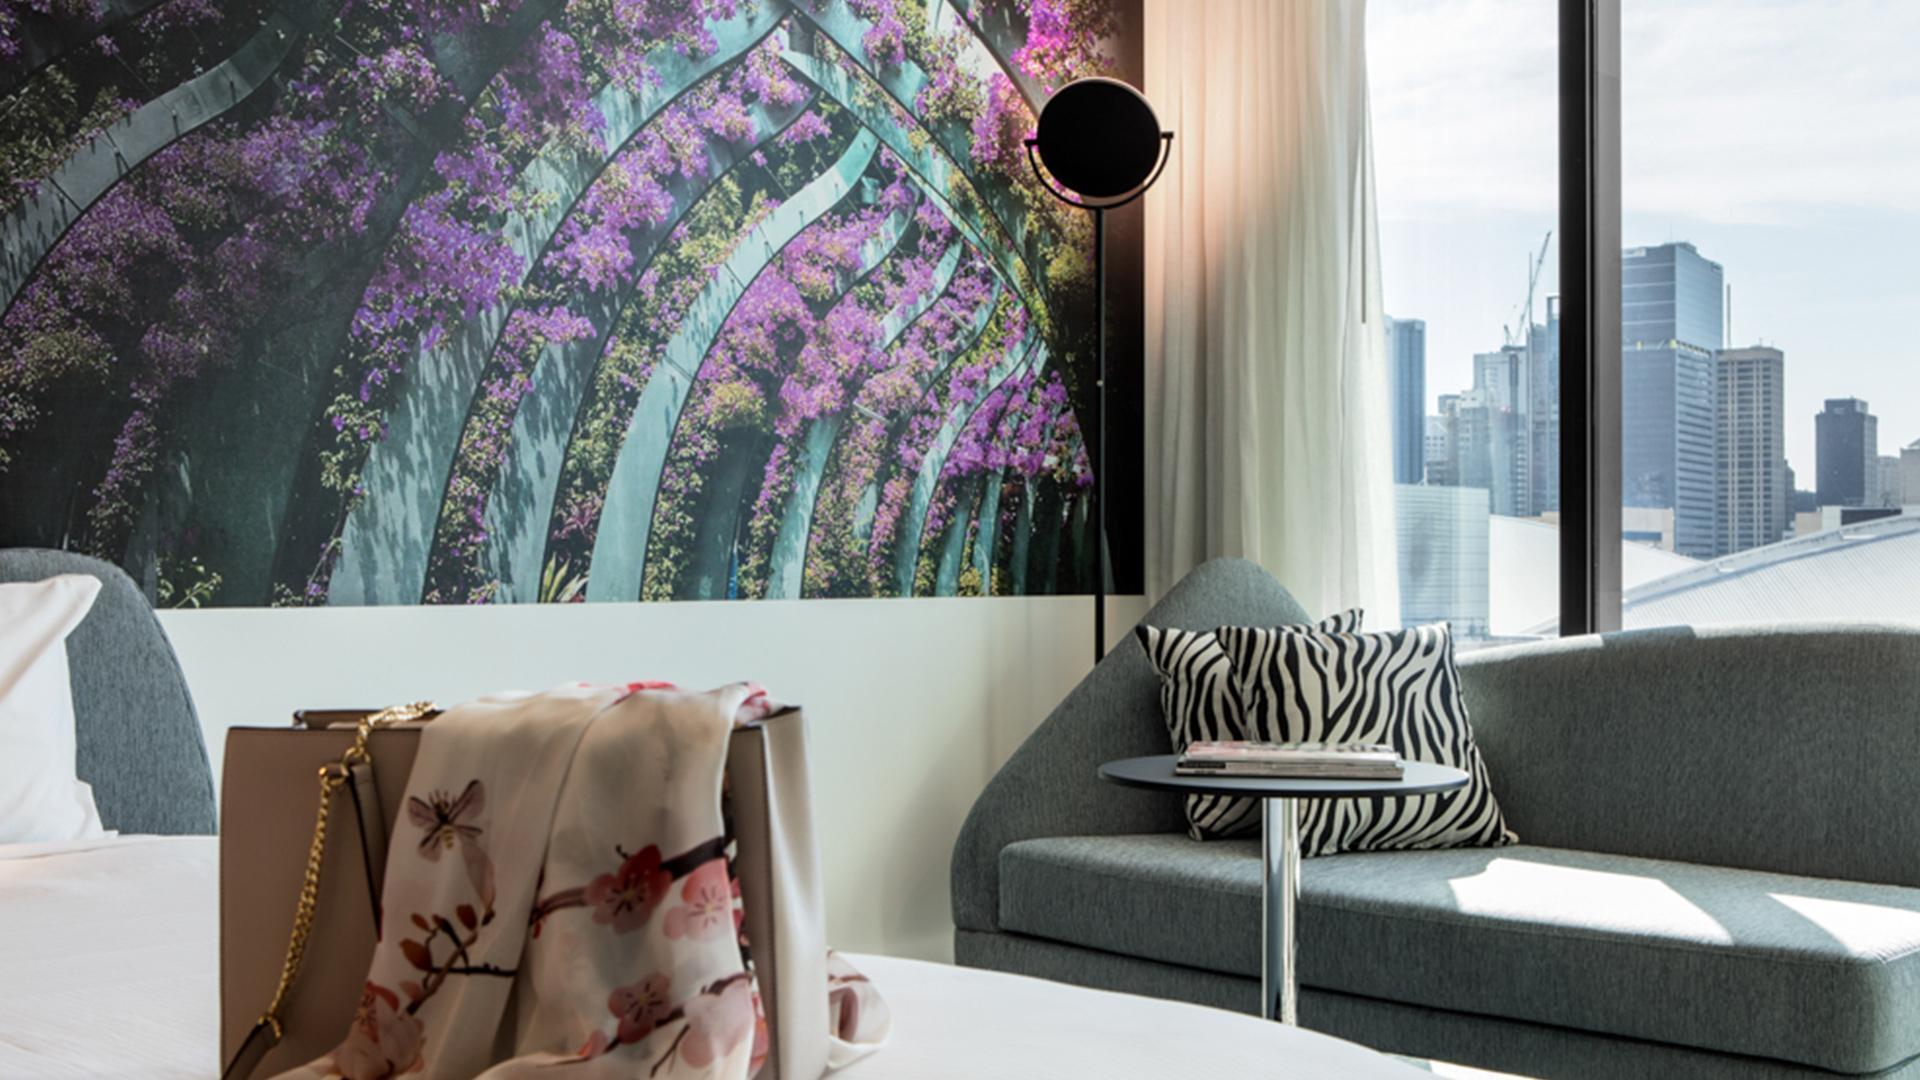 Premier 'N' Room image 1 at Novotel Brisbane South Bank by Brisbane City, Queensland, Australia